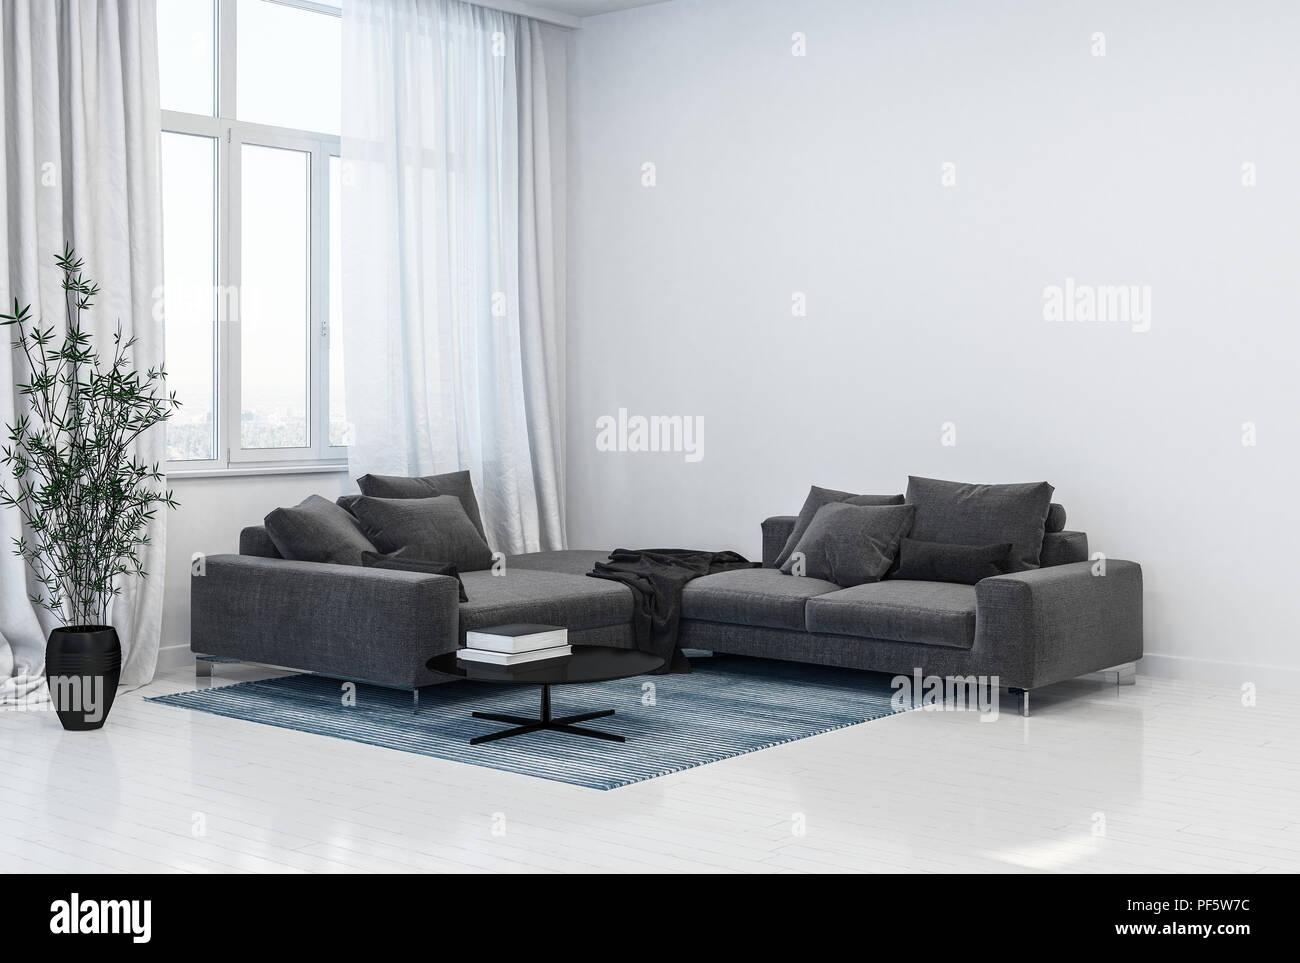 Einfarbig Grau und Weiß Wohnzimmer Interieur mit Ecke Sofas ...